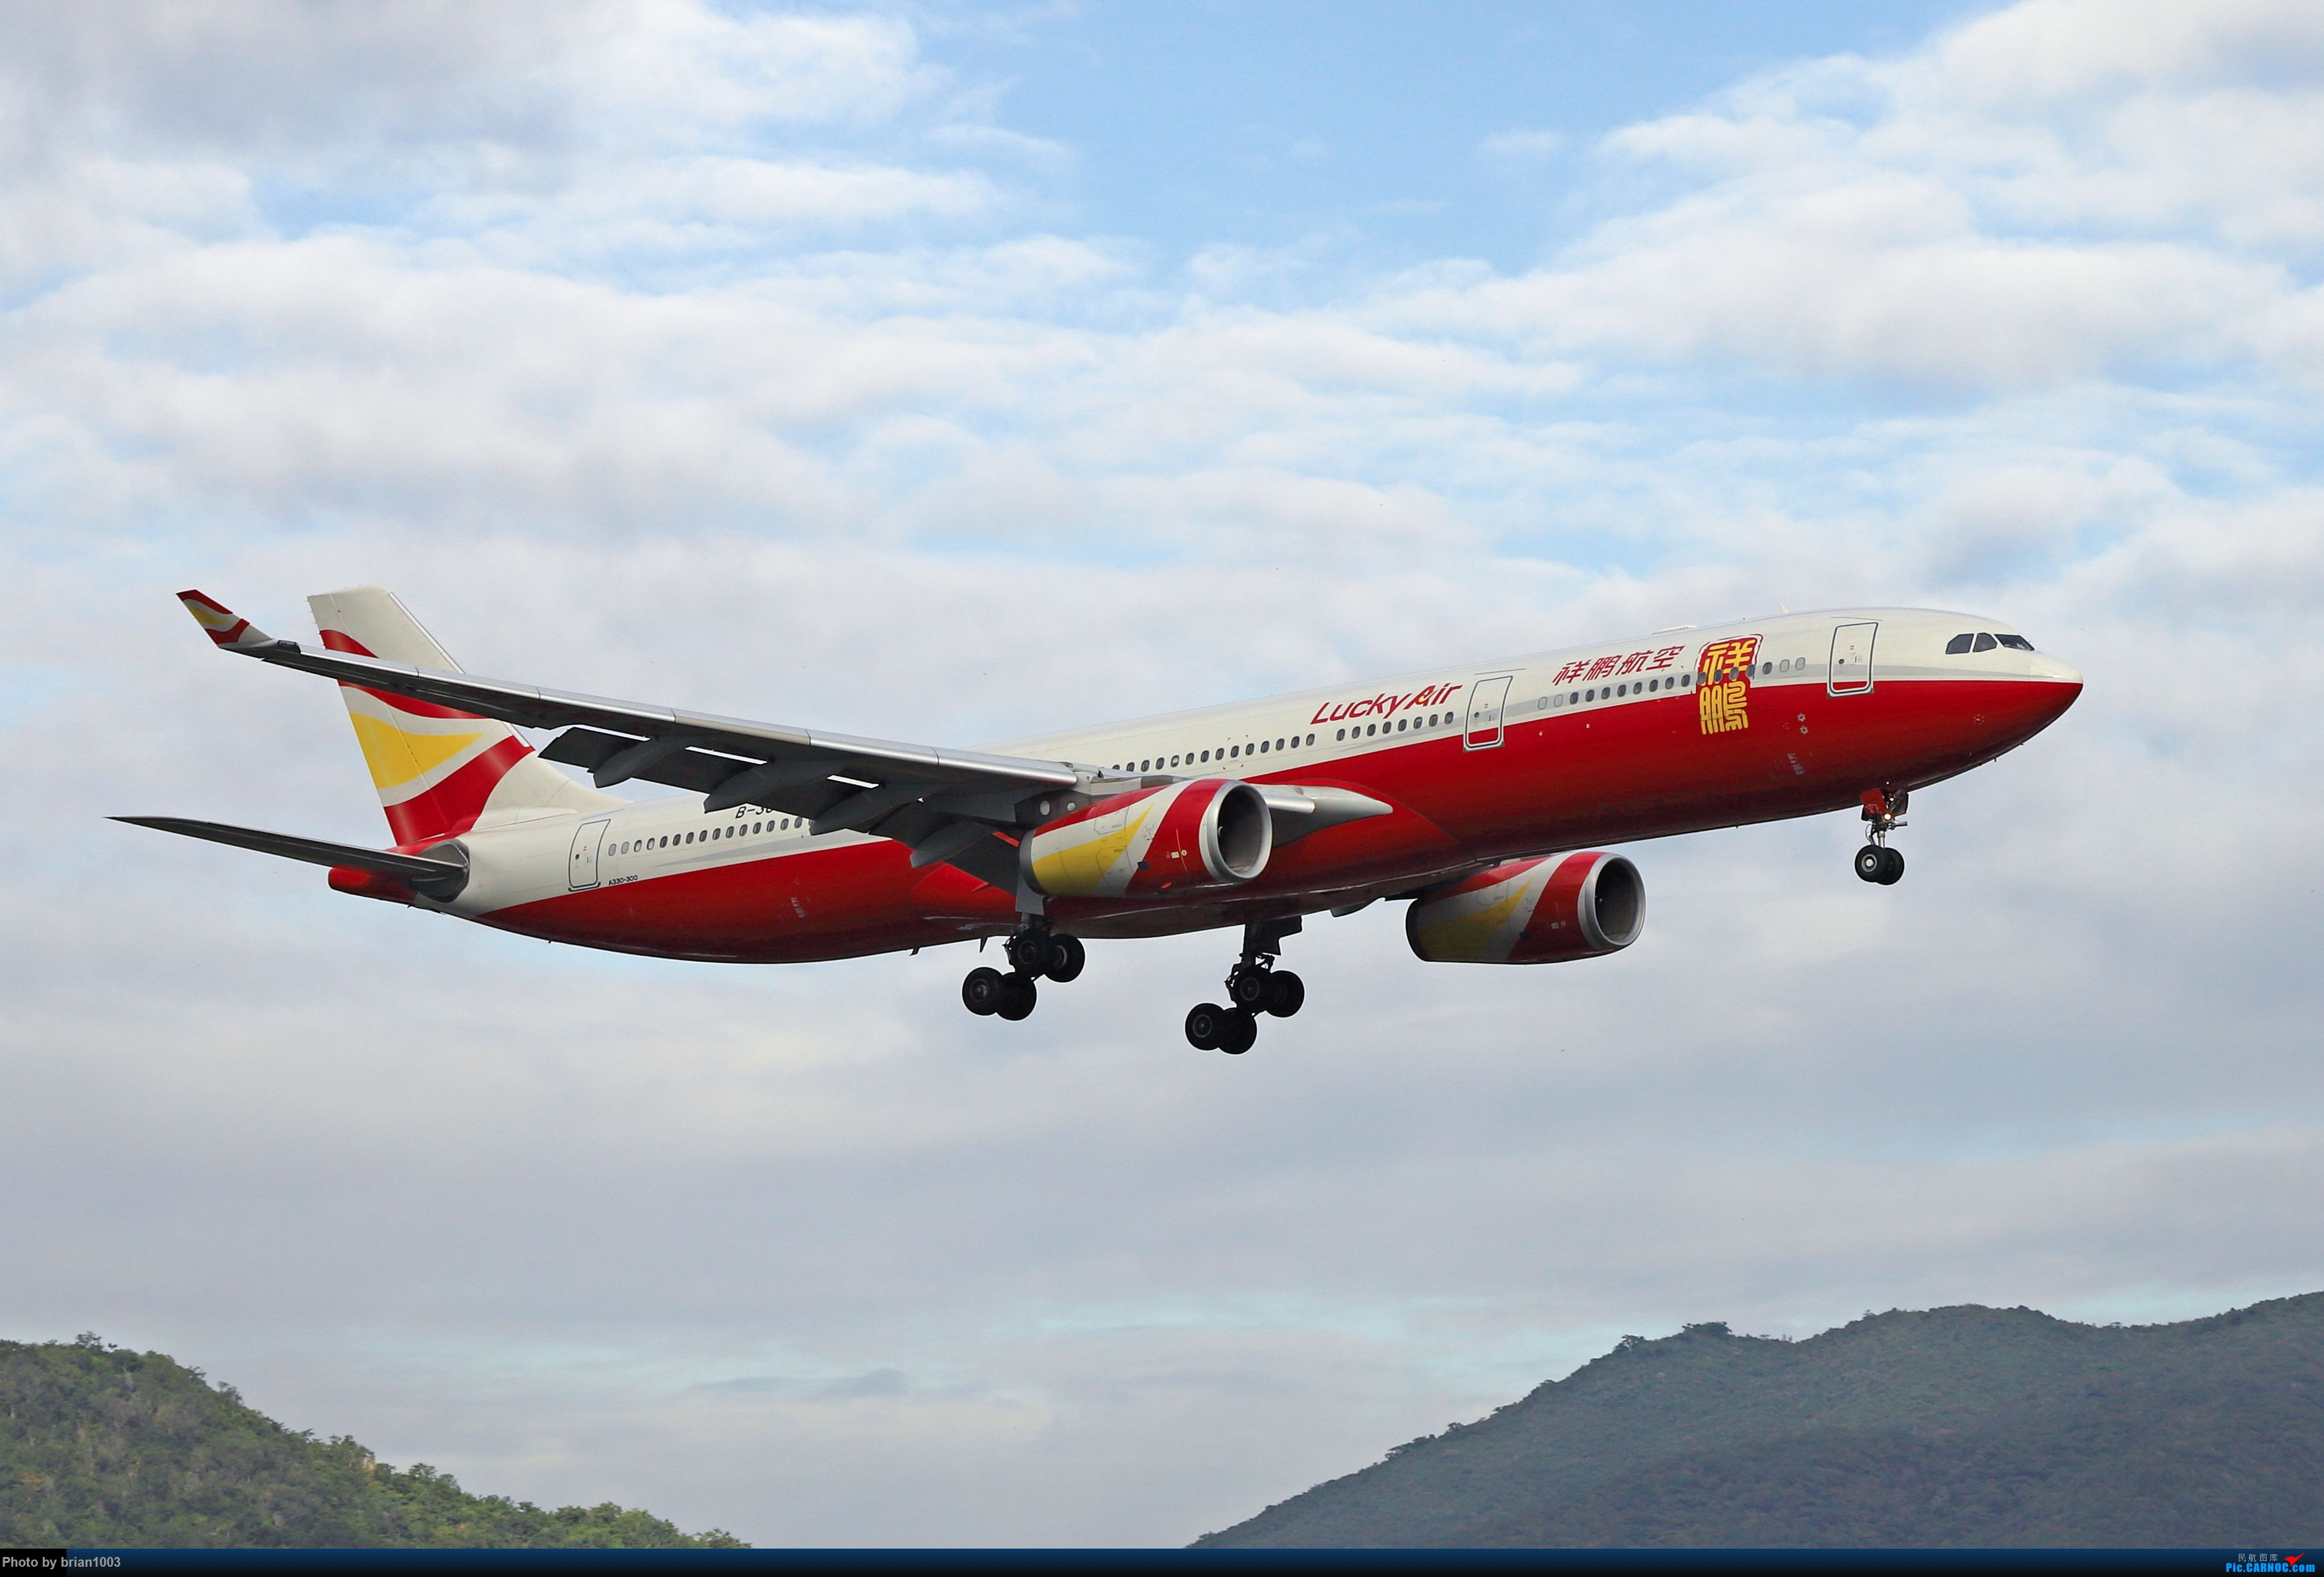 Re:[原创]CZ3347-CZ6734-HU7659,忙里偷闲的三亚拍机之行 AIRBUS A330-300 B-305W 中国三亚凤凰国际机场